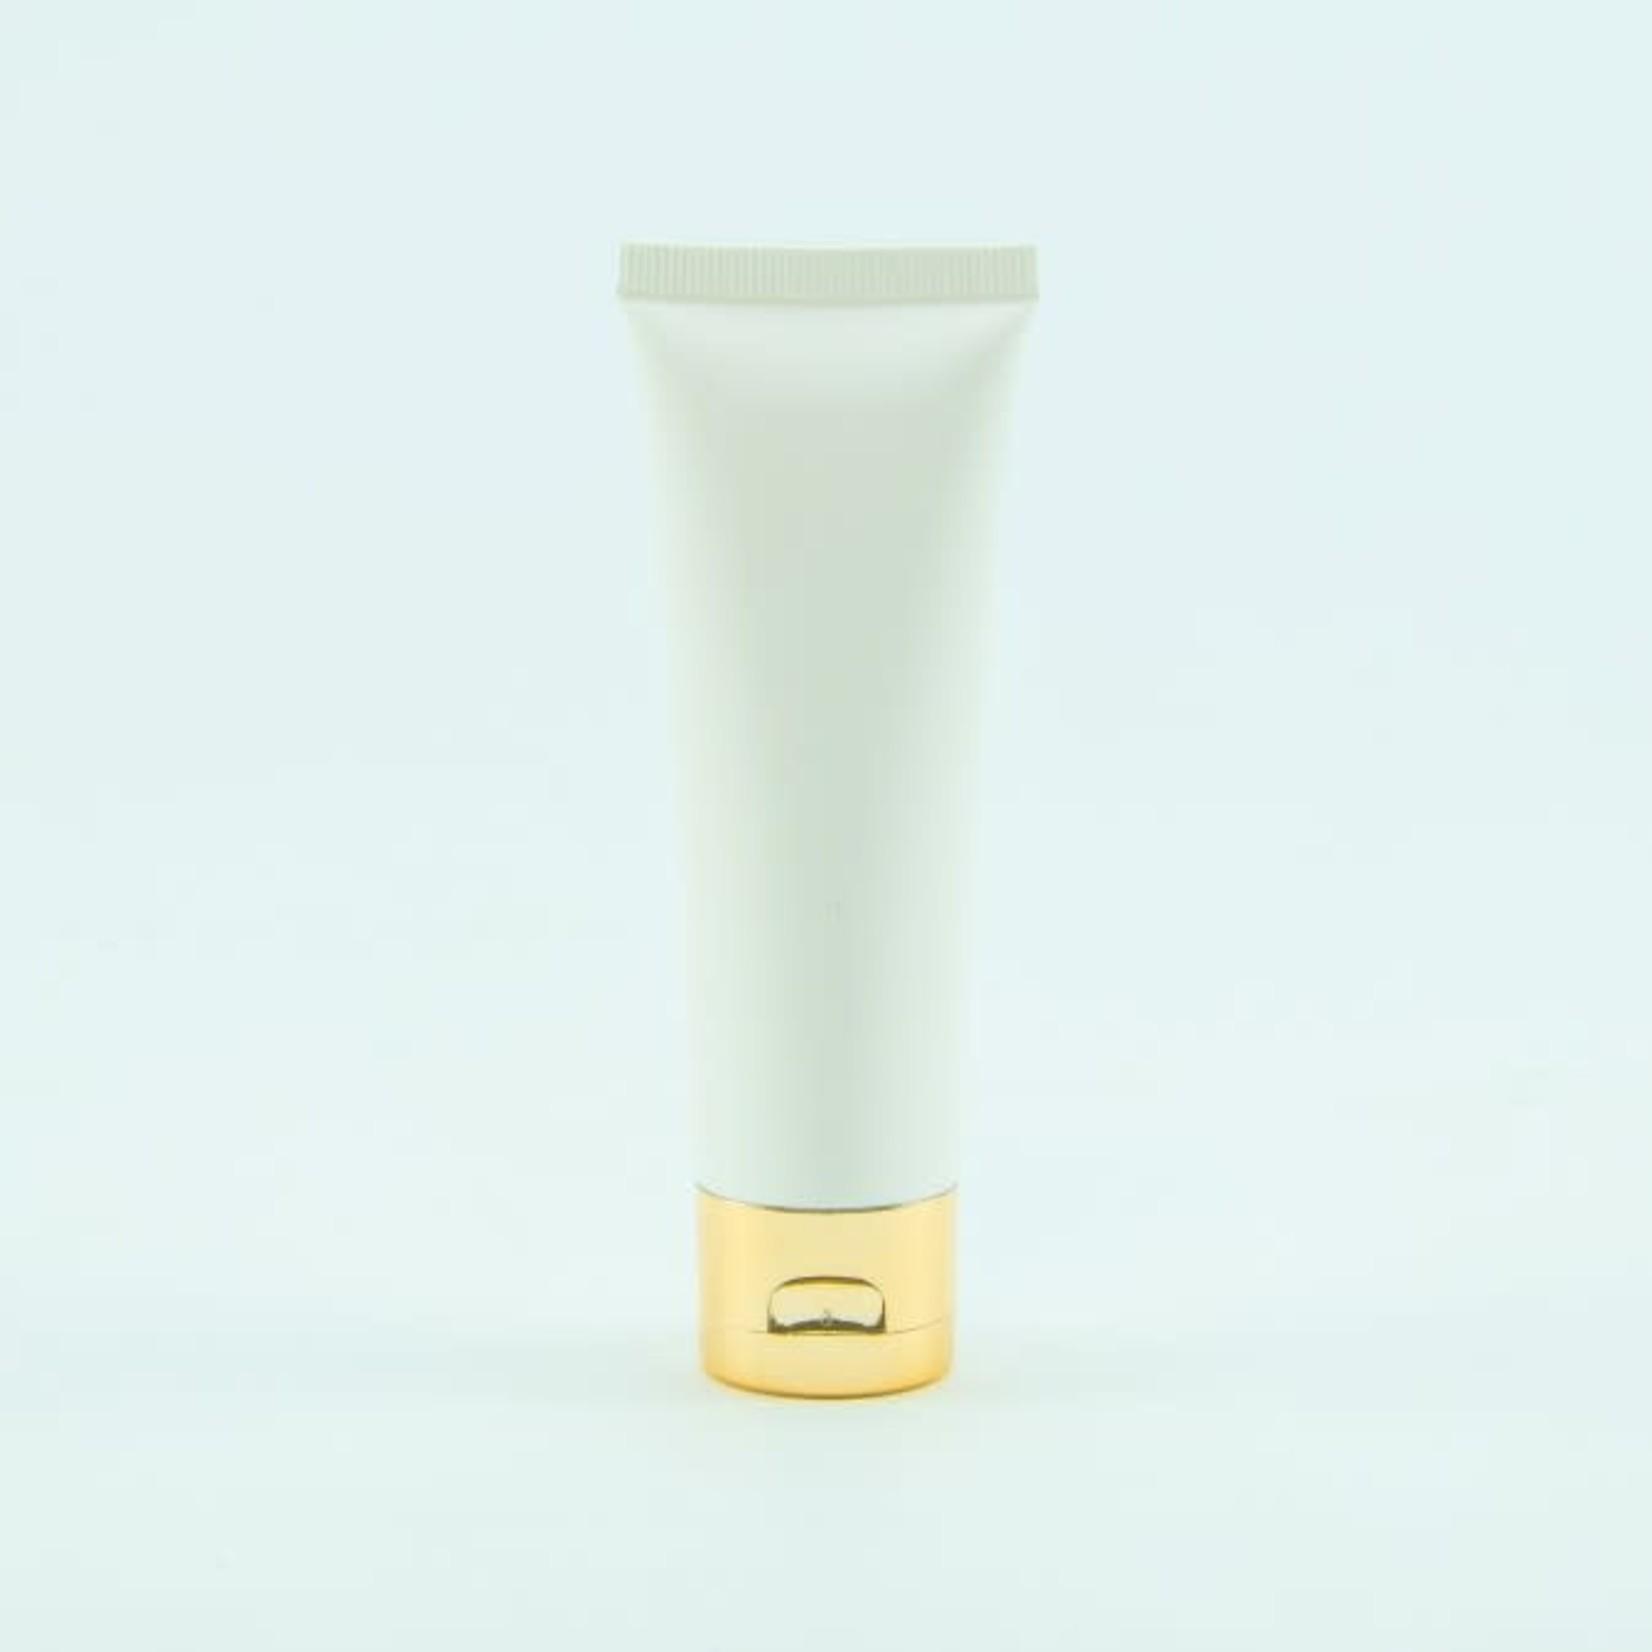 Tube handcrème (50ml) wit met gouden dop